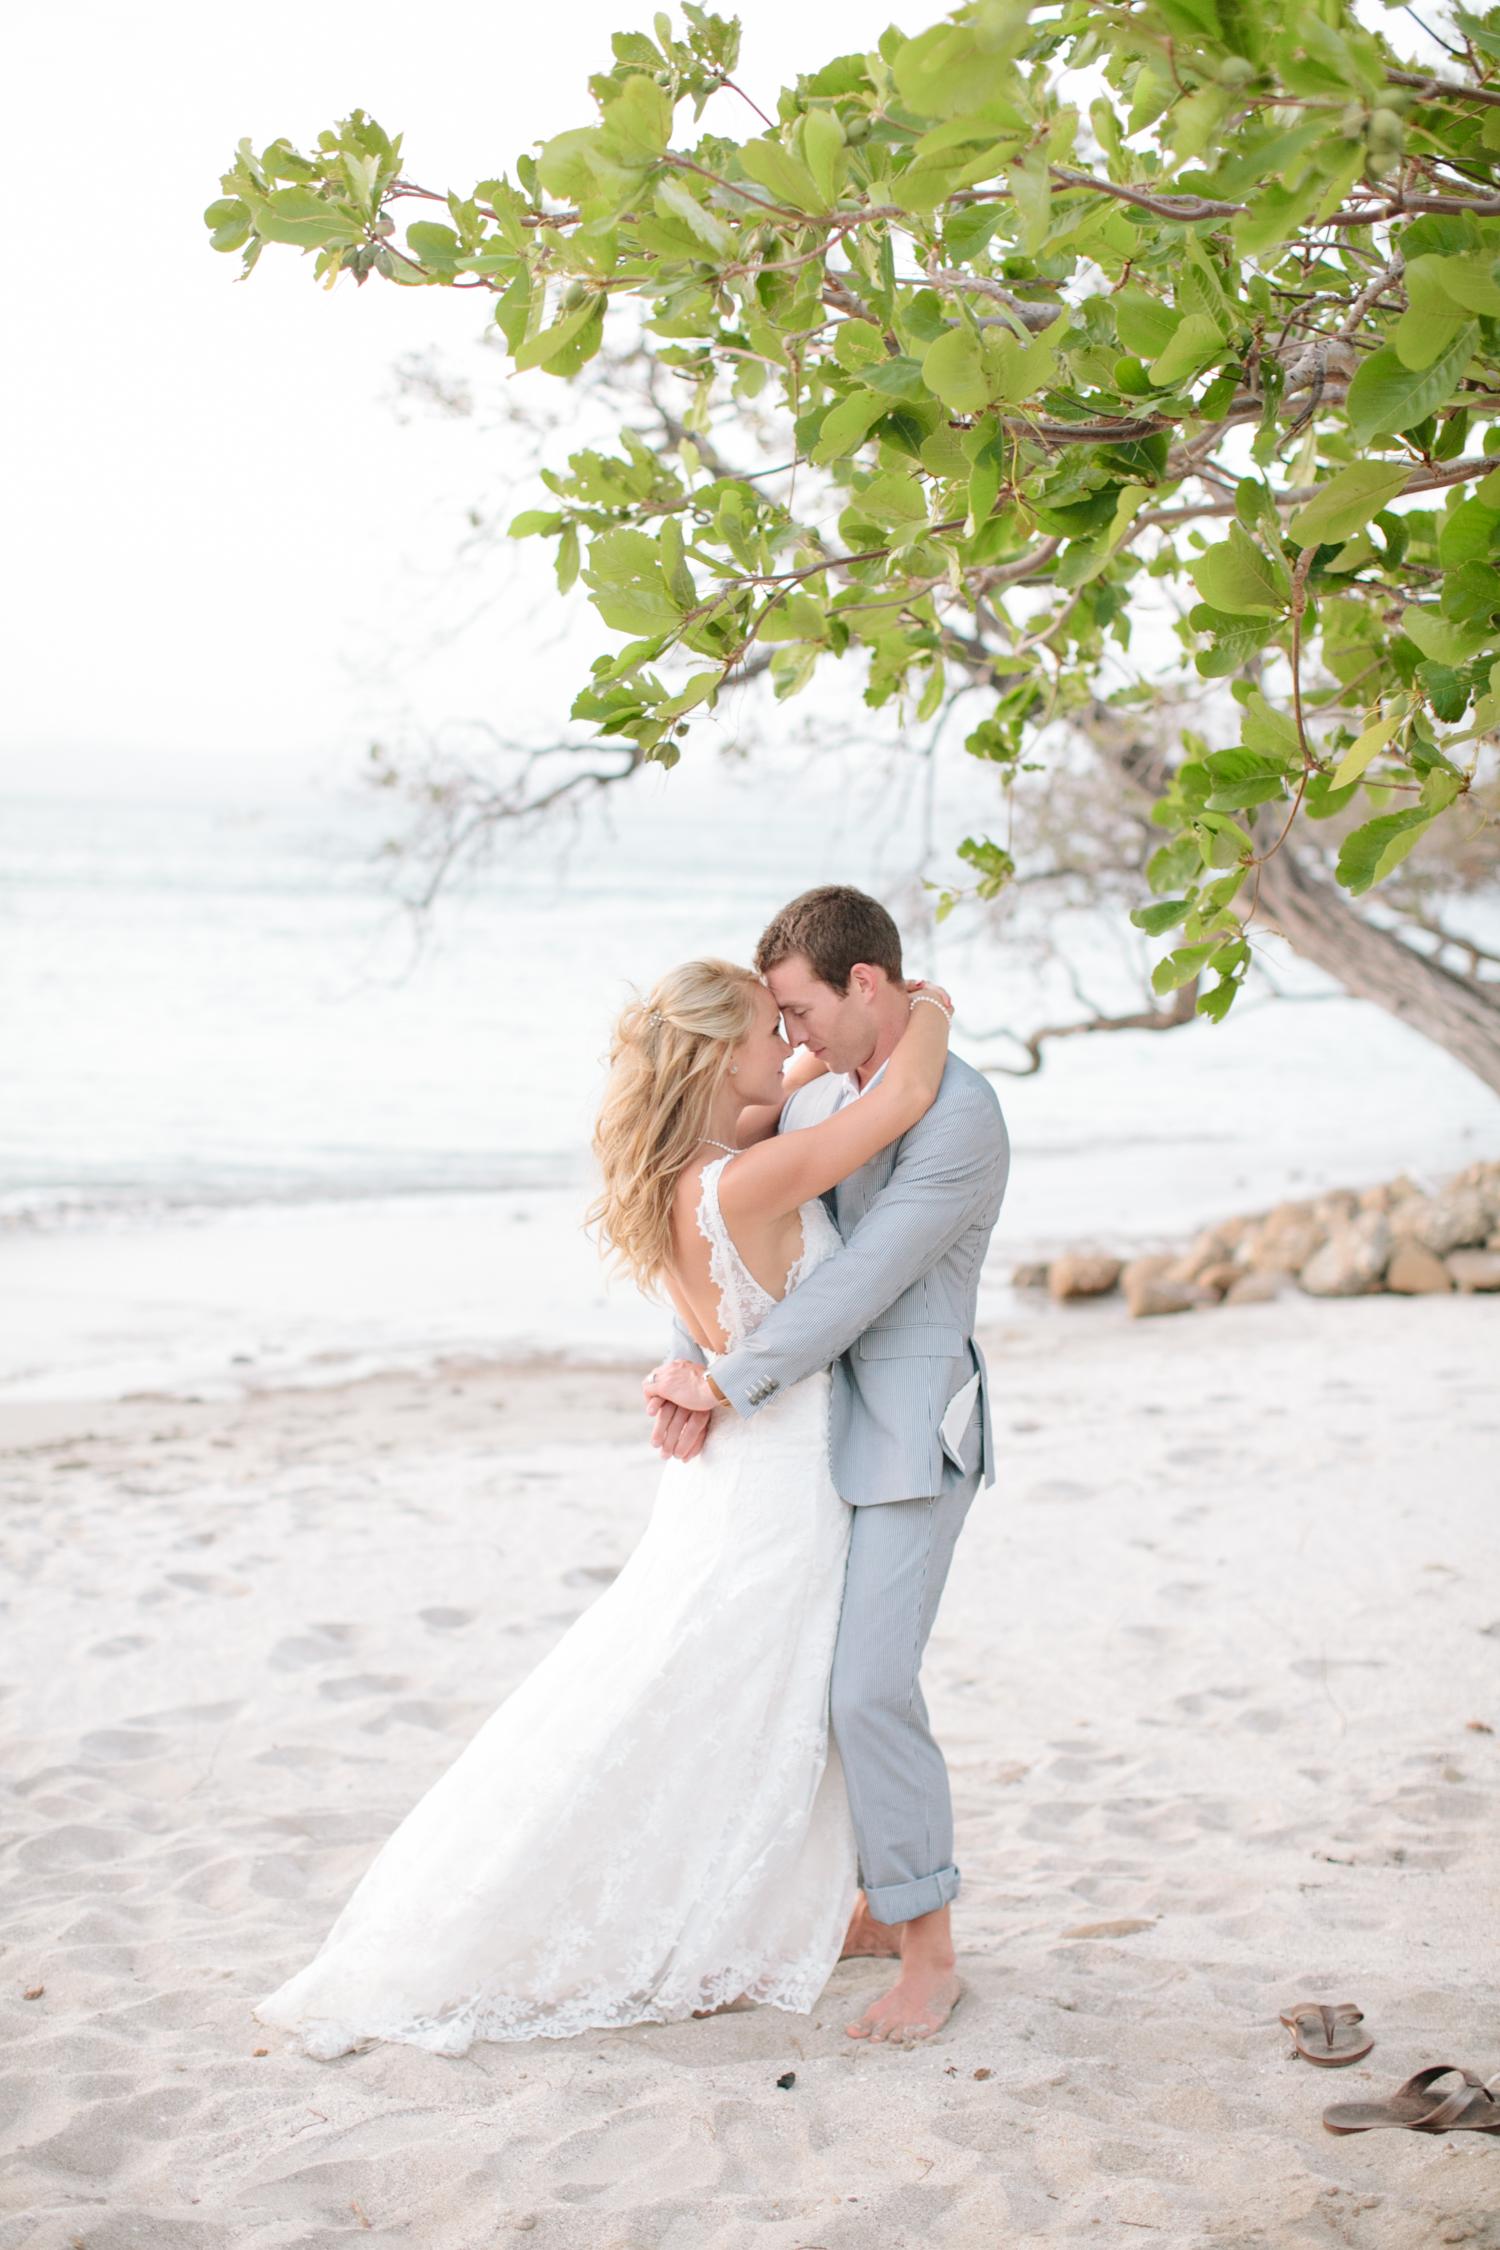 Costa Rica Dreams Las Mareas Wedding by Michelle Cross-39.jpg